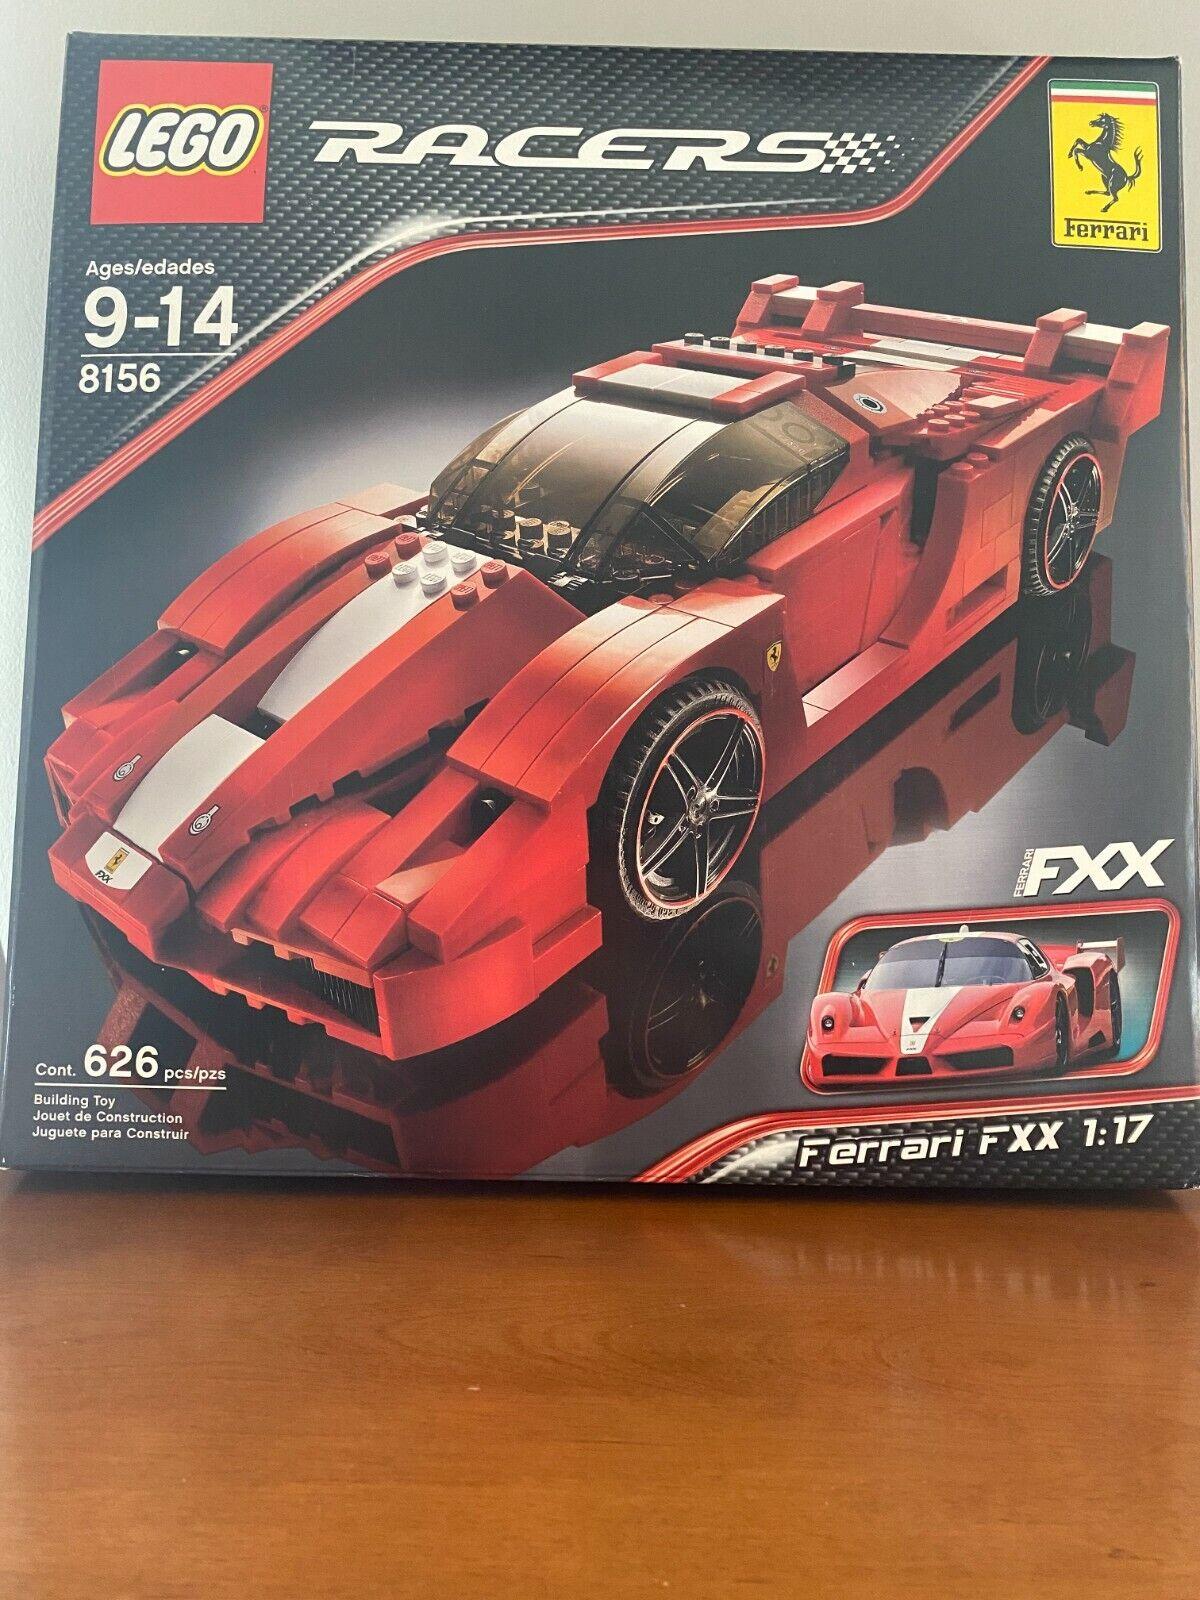 Lego Ferrari Fxx 1 17 For Sale Online Ebay